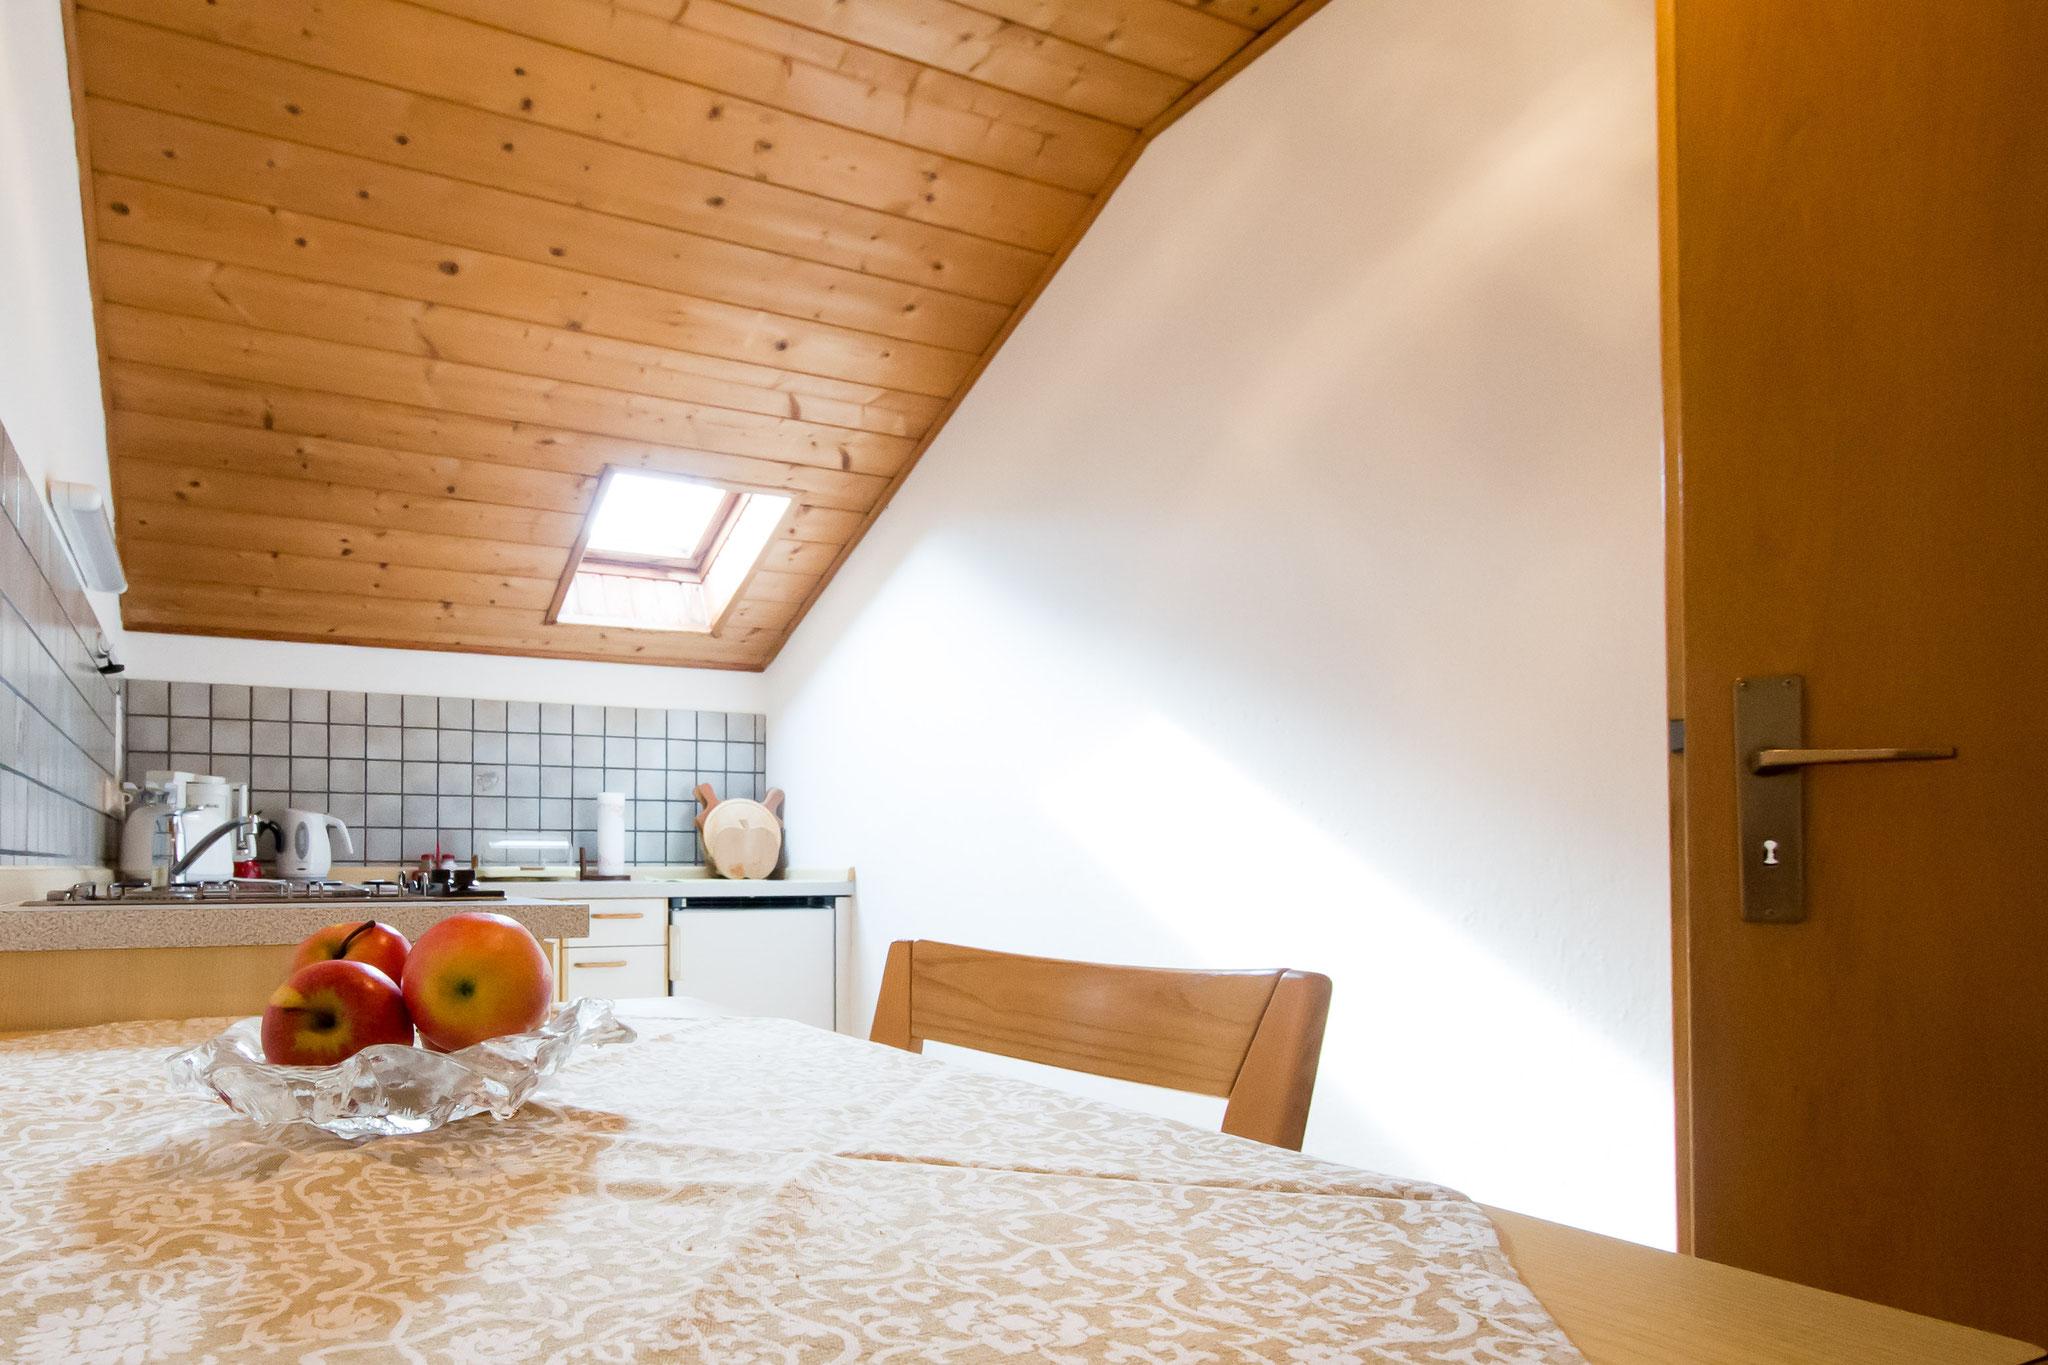 Die Wohnküche ist mit Geschirr voll ausgestattet und verfügt über einen Gasherd.